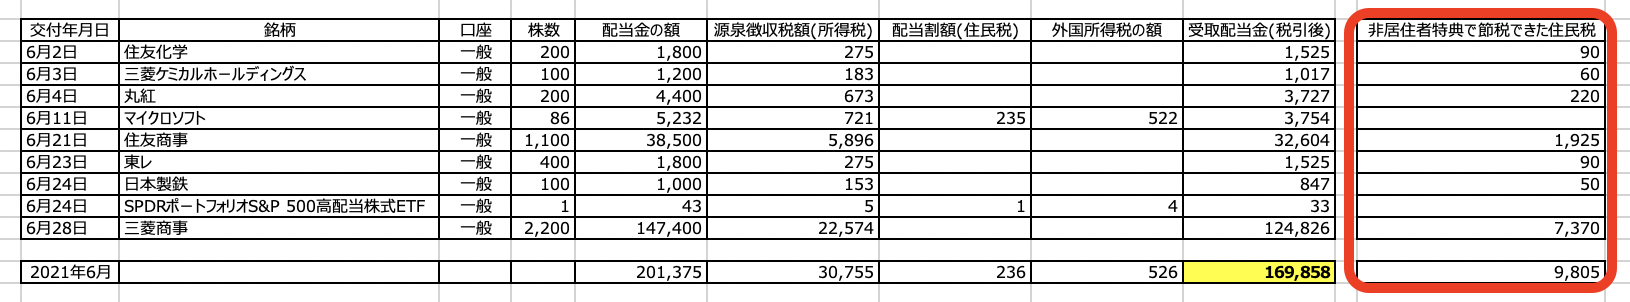 さとり世代の株日記 資産運用実績【21年6月度】